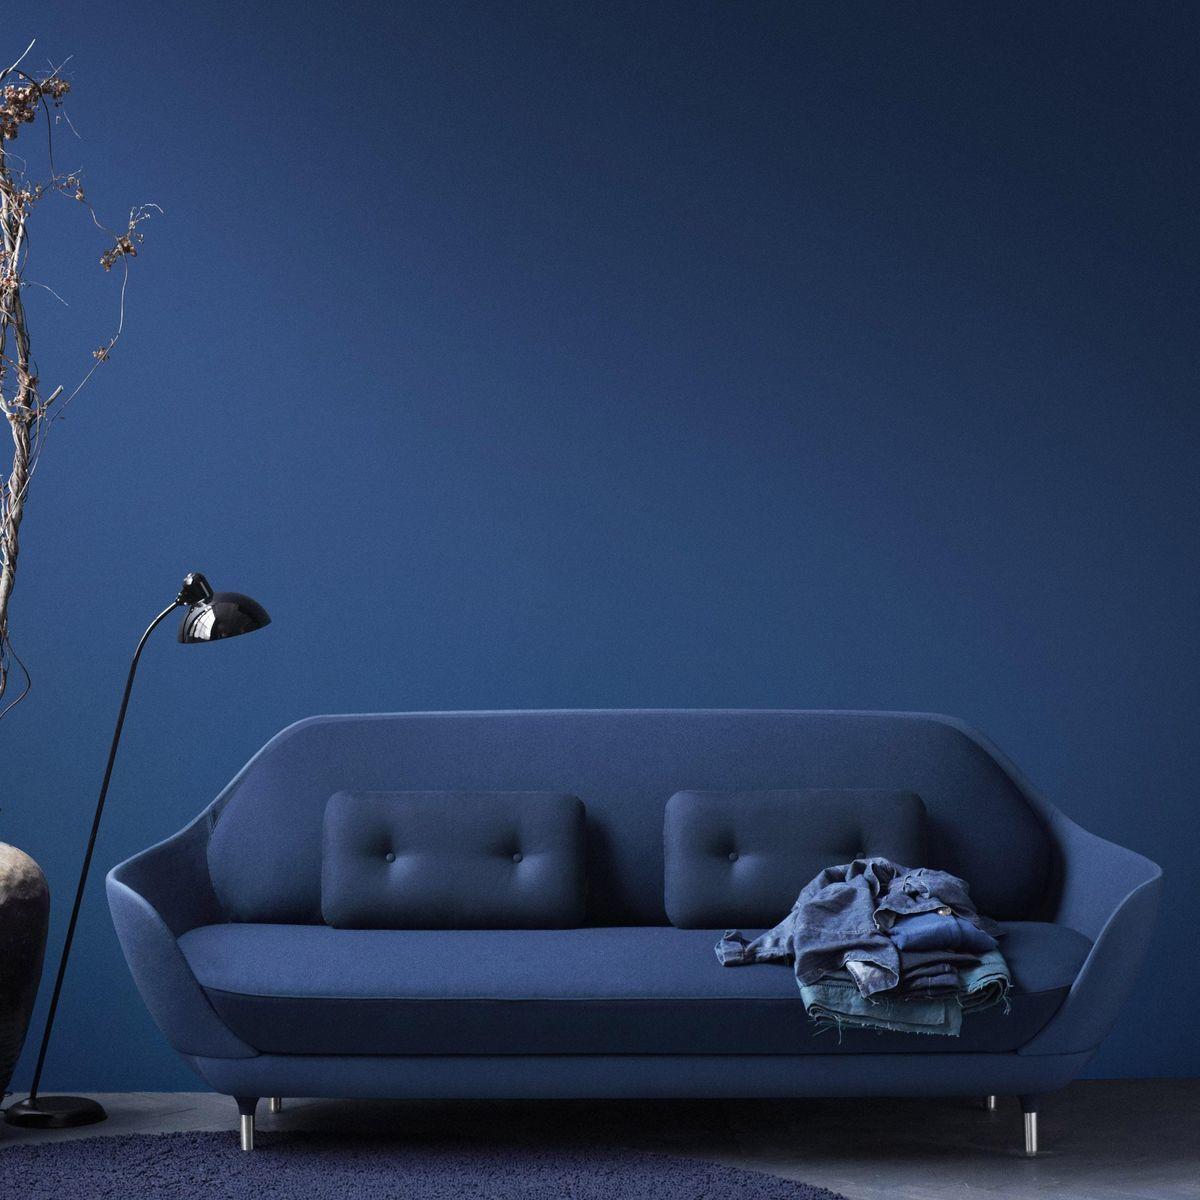 kaiser idell 6556 f super floor lamp kaiser idell. Black Bedroom Furniture Sets. Home Design Ideas